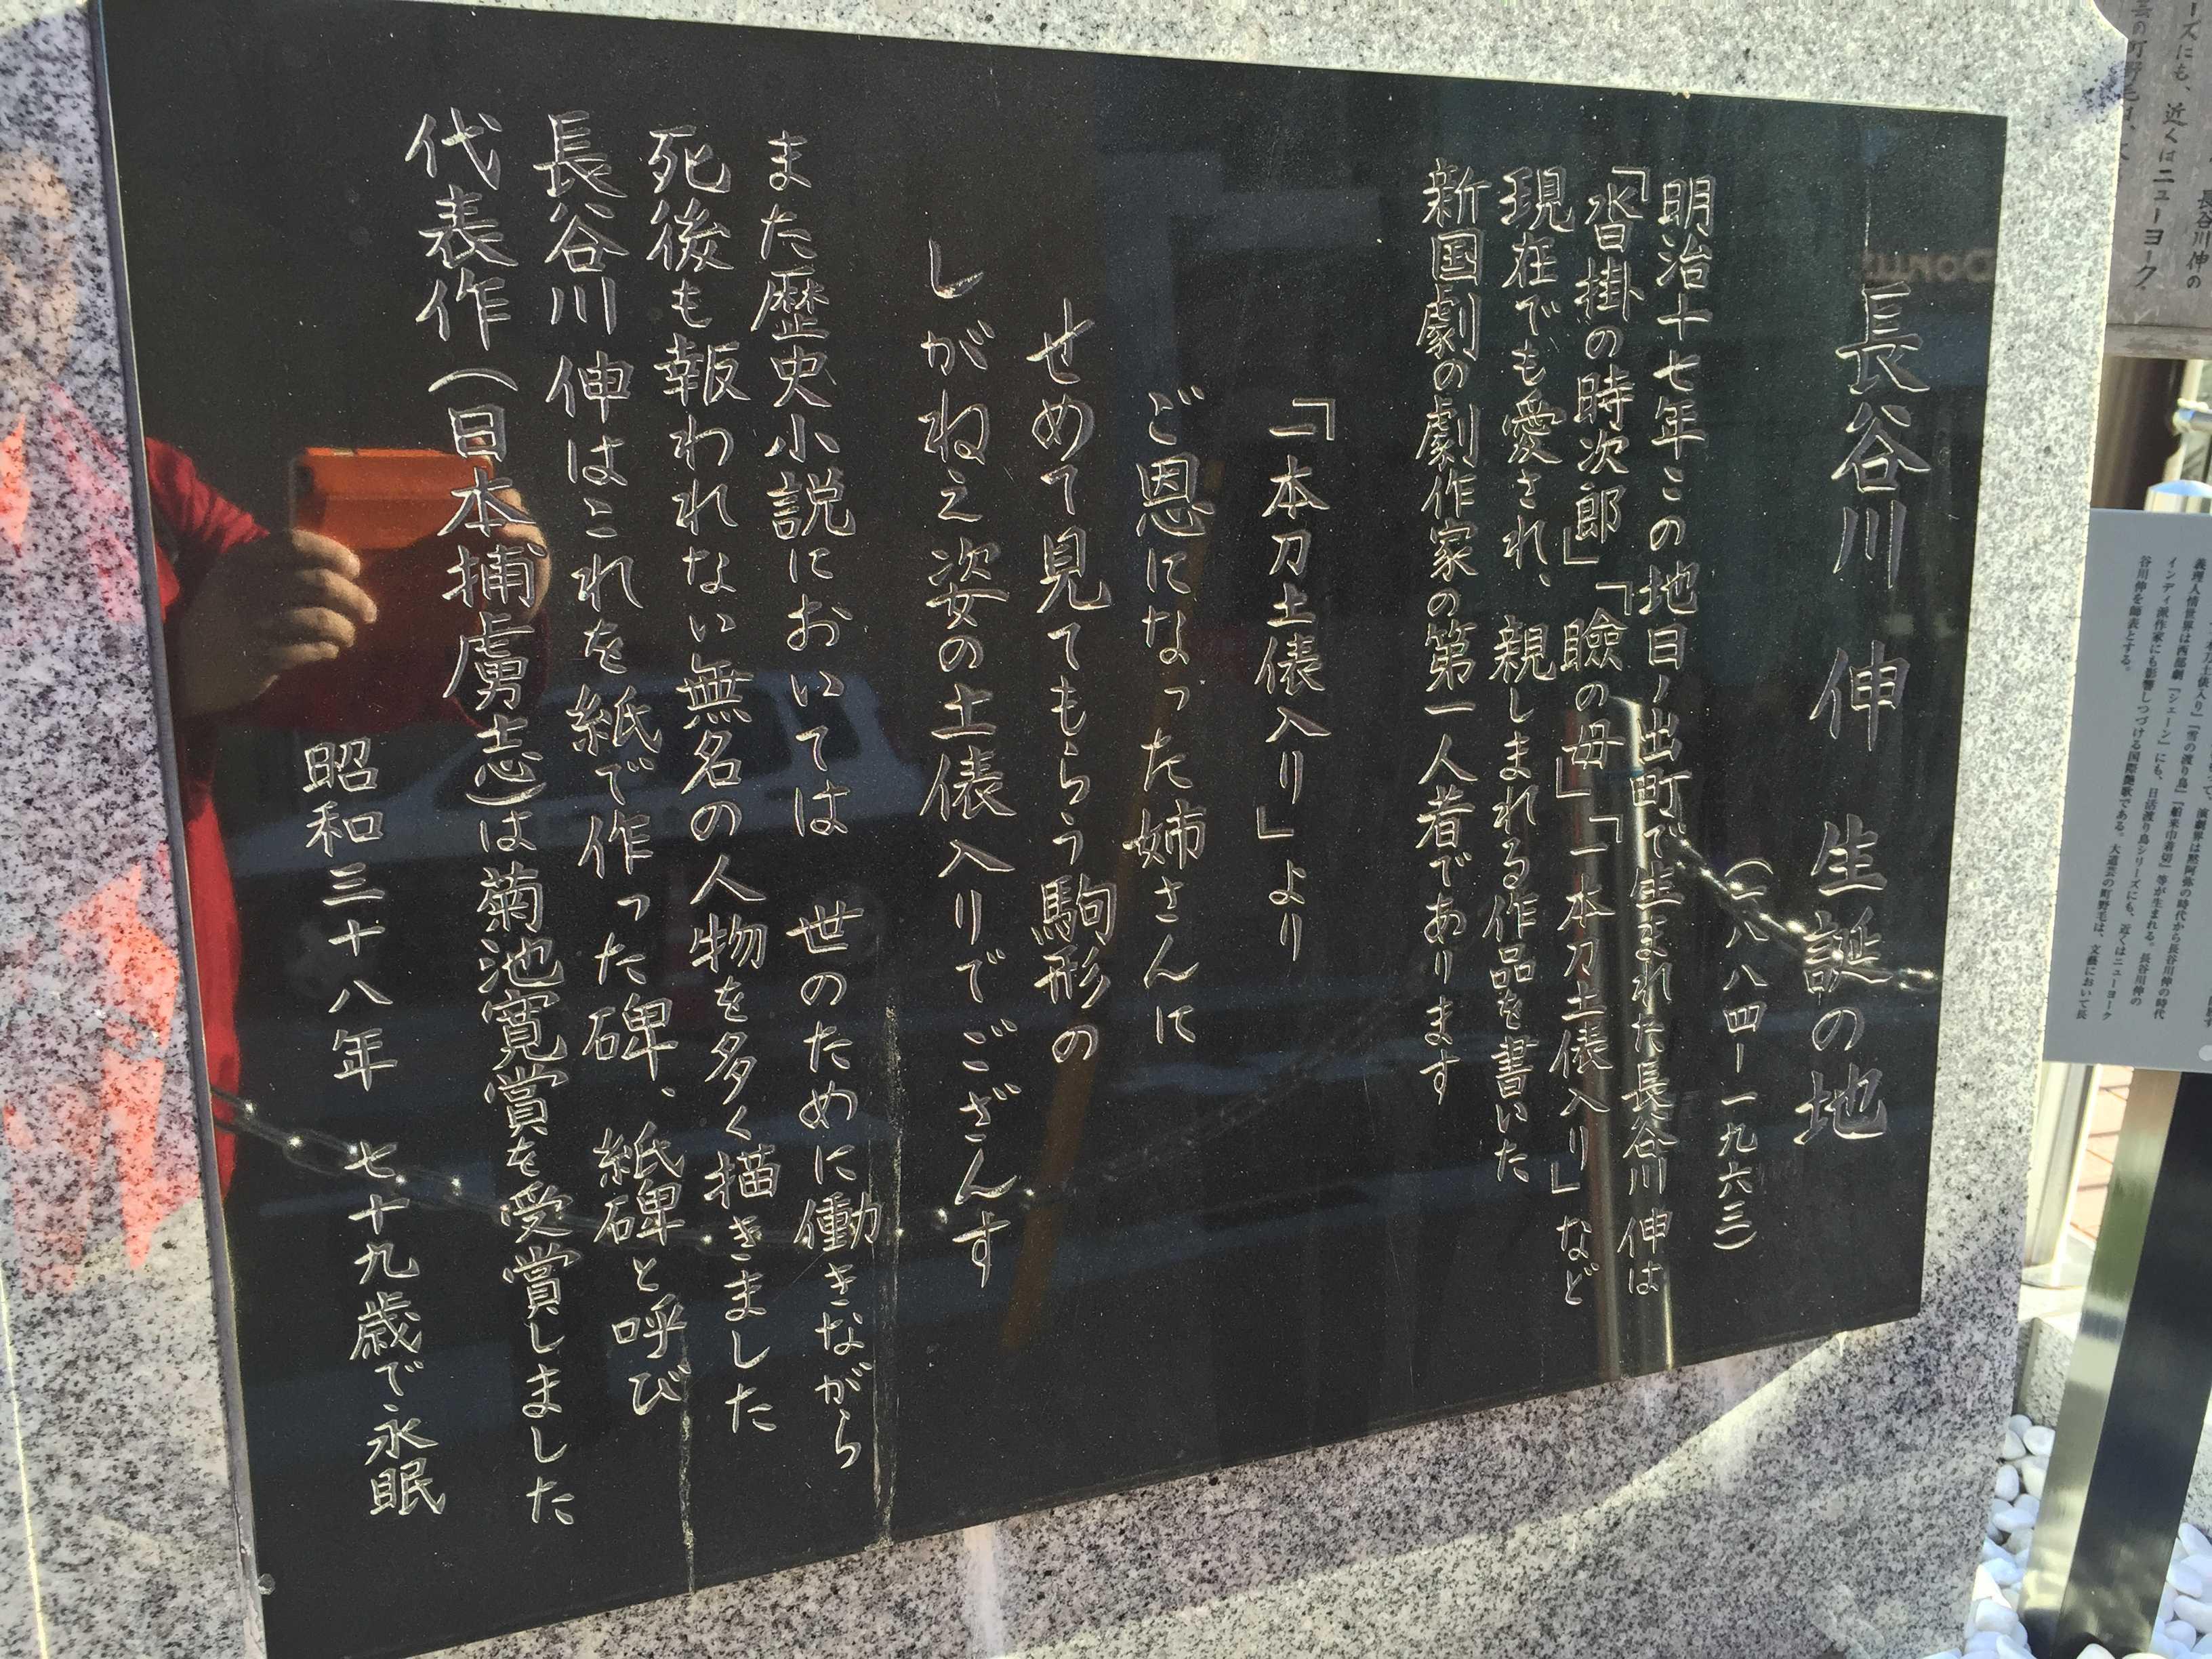 長谷川 伸 生誕の地(1884-1963)